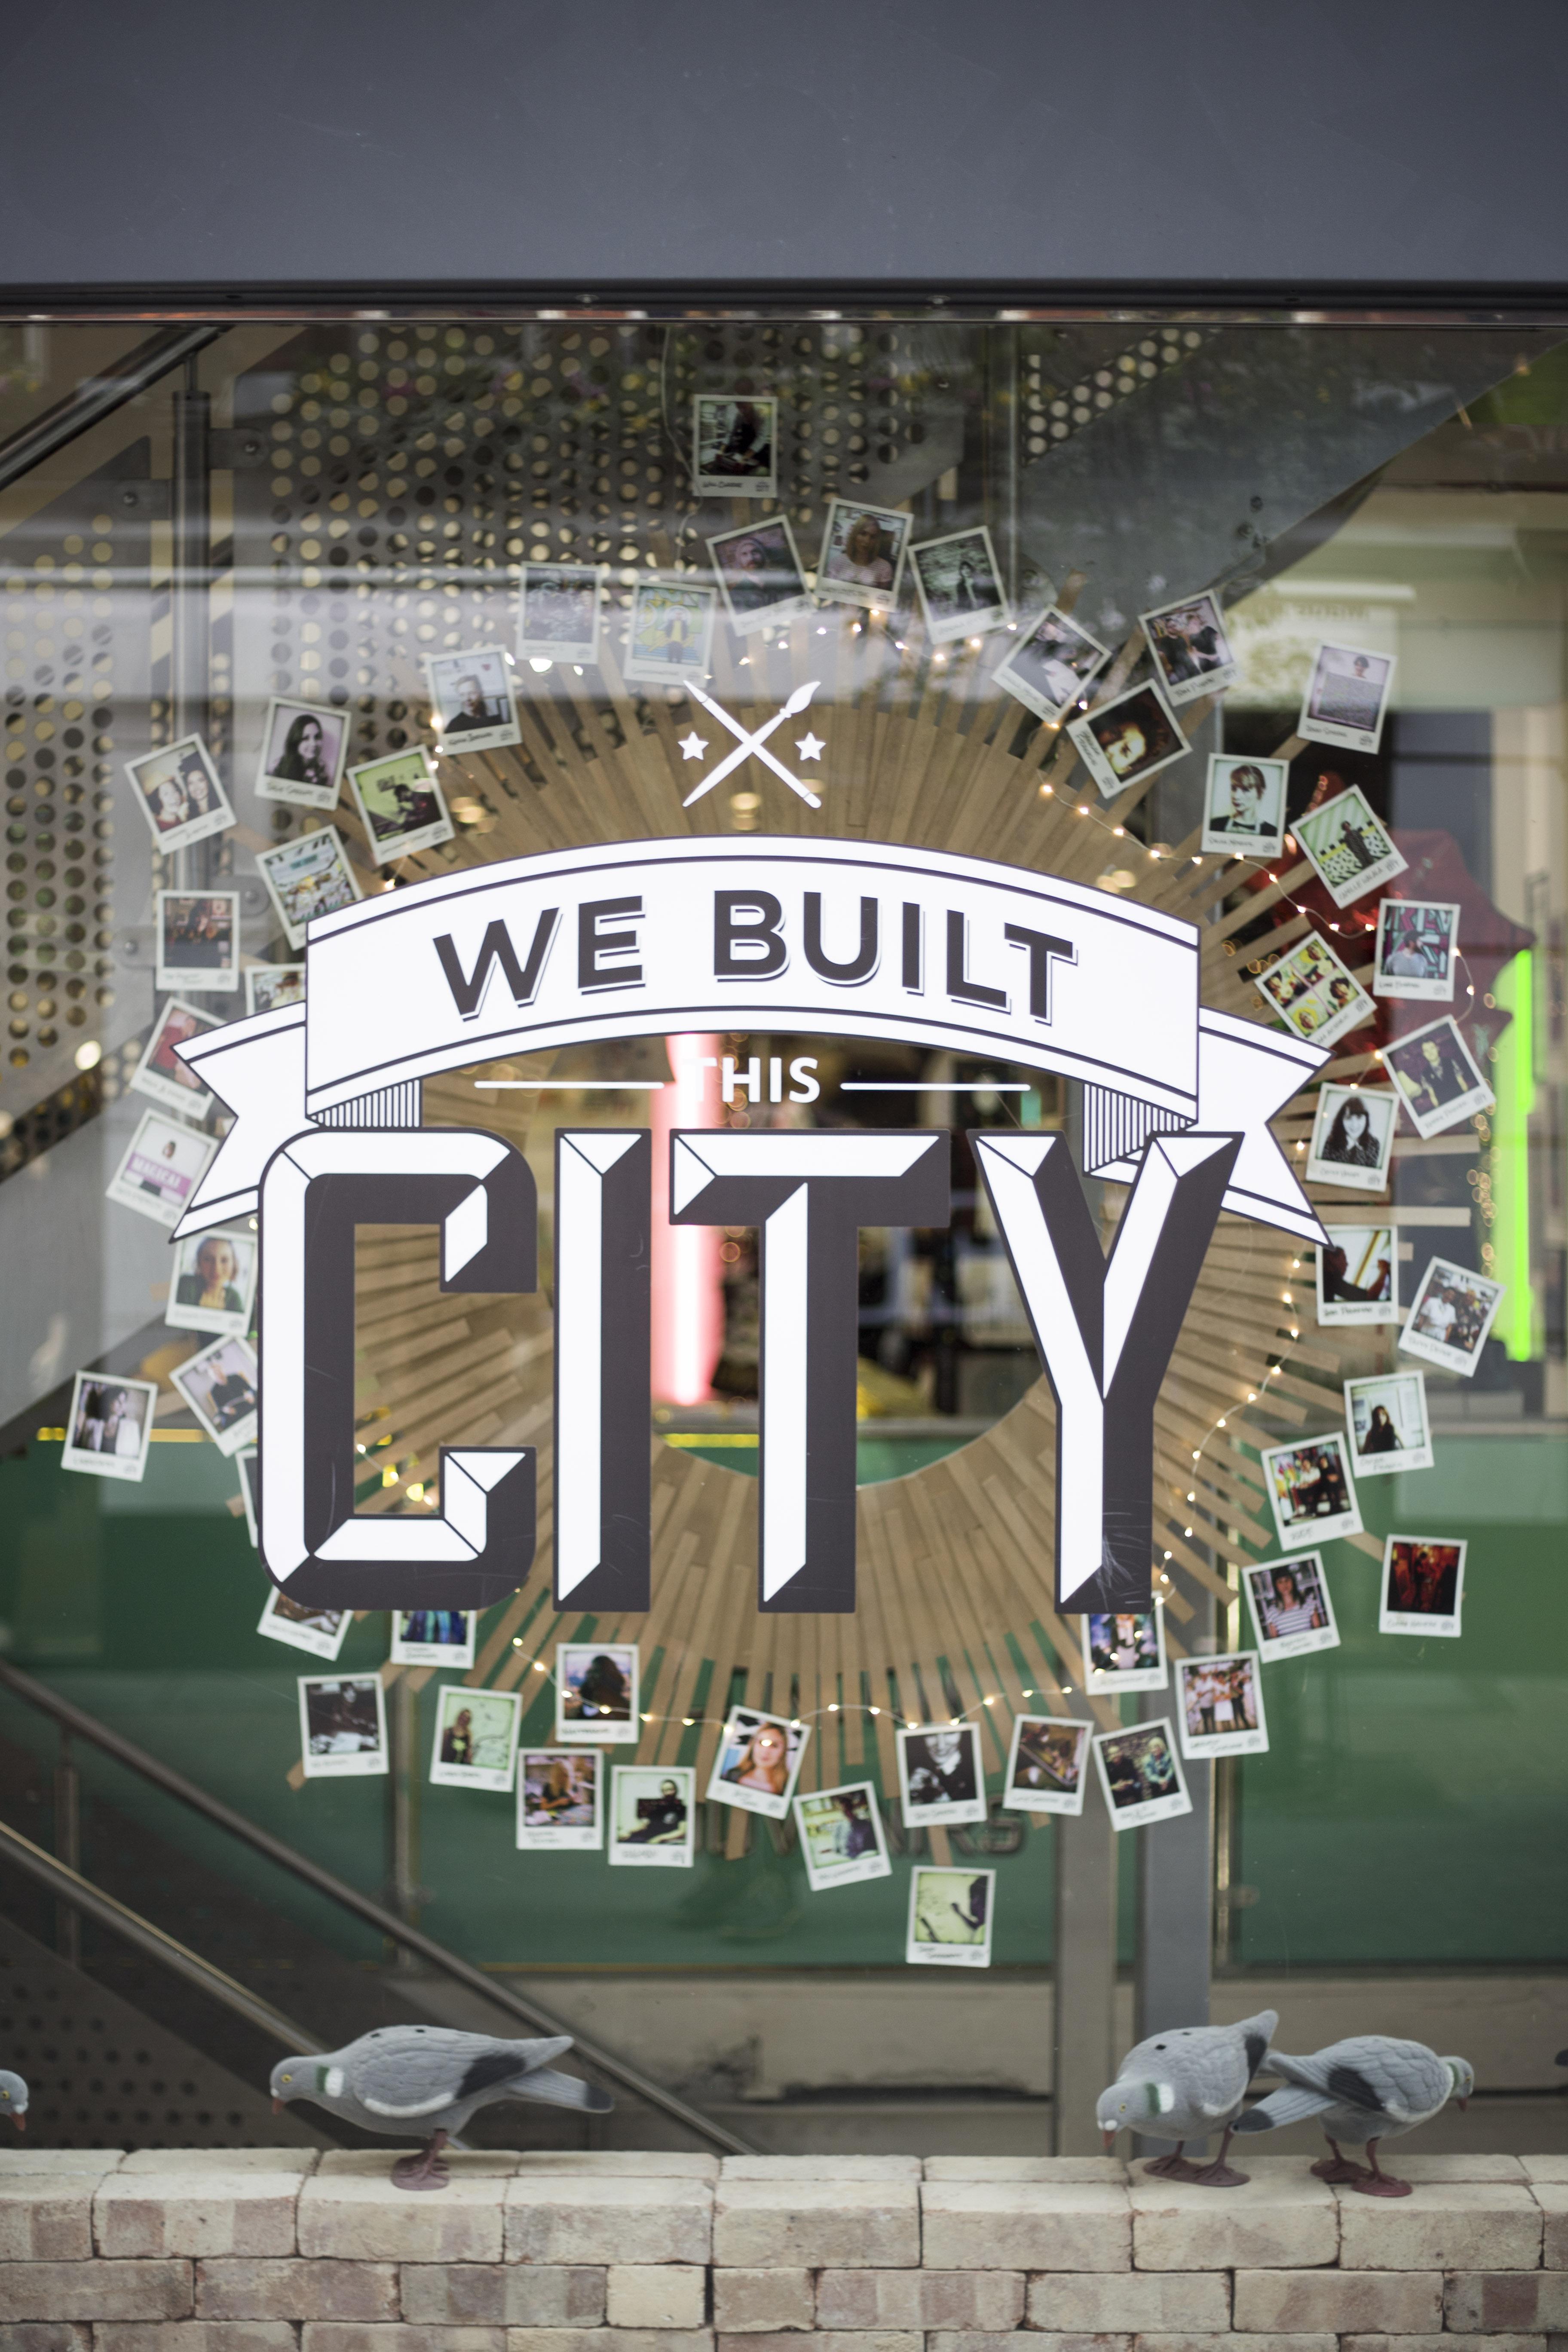 Jordan_Bunker_we_built_this_city_1